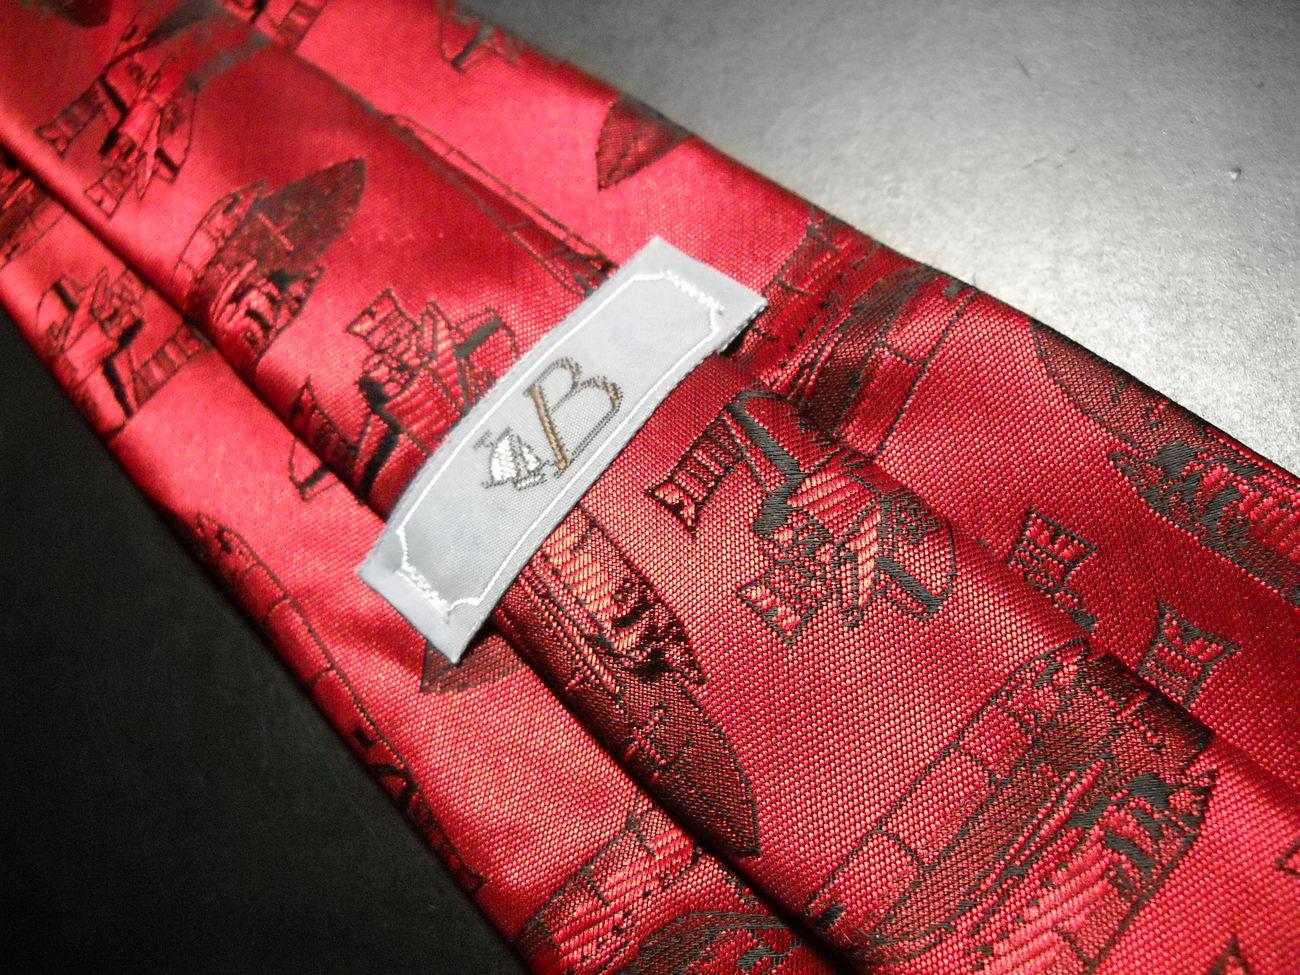 VB Shuttlecraft Neck Tie Glossy Reds with Shuttlecrafts image 4